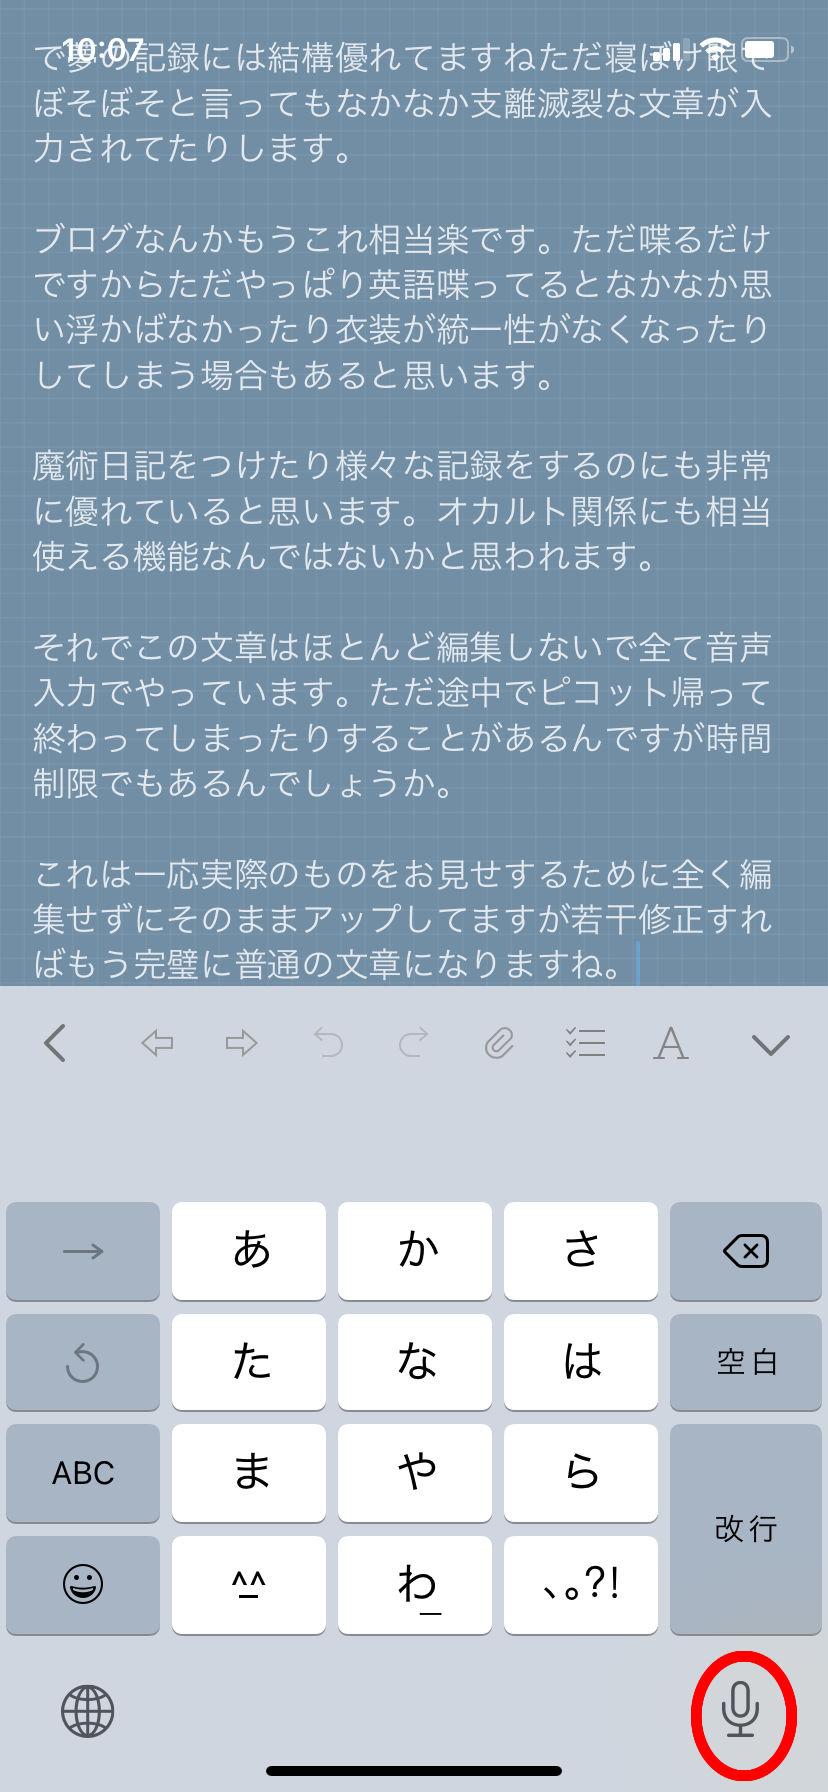 スクリーンショット 2021-01-02 10